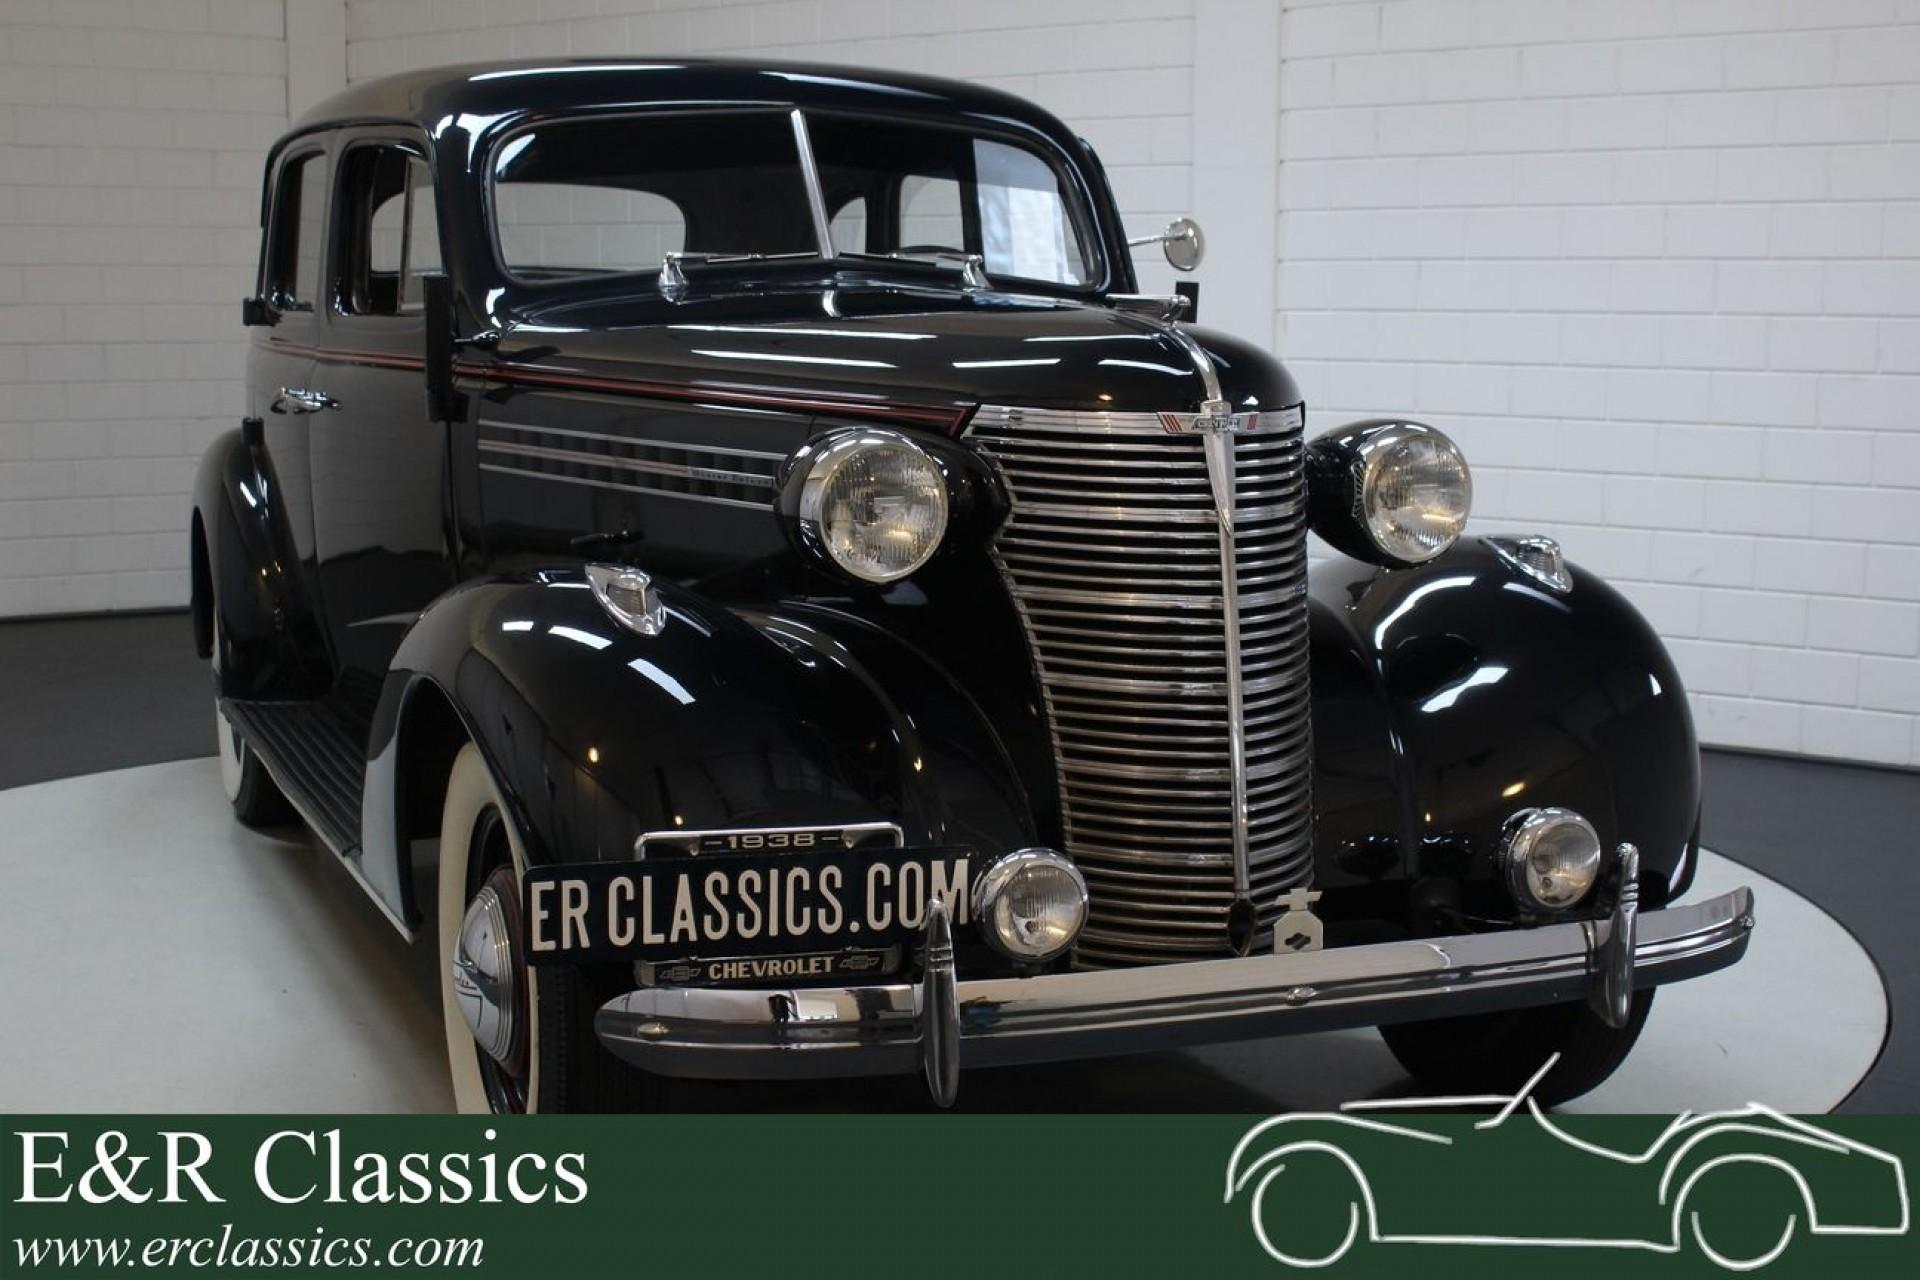 Kelebihan Kekurangan Chevrolet 1938 Perbandingan Harga